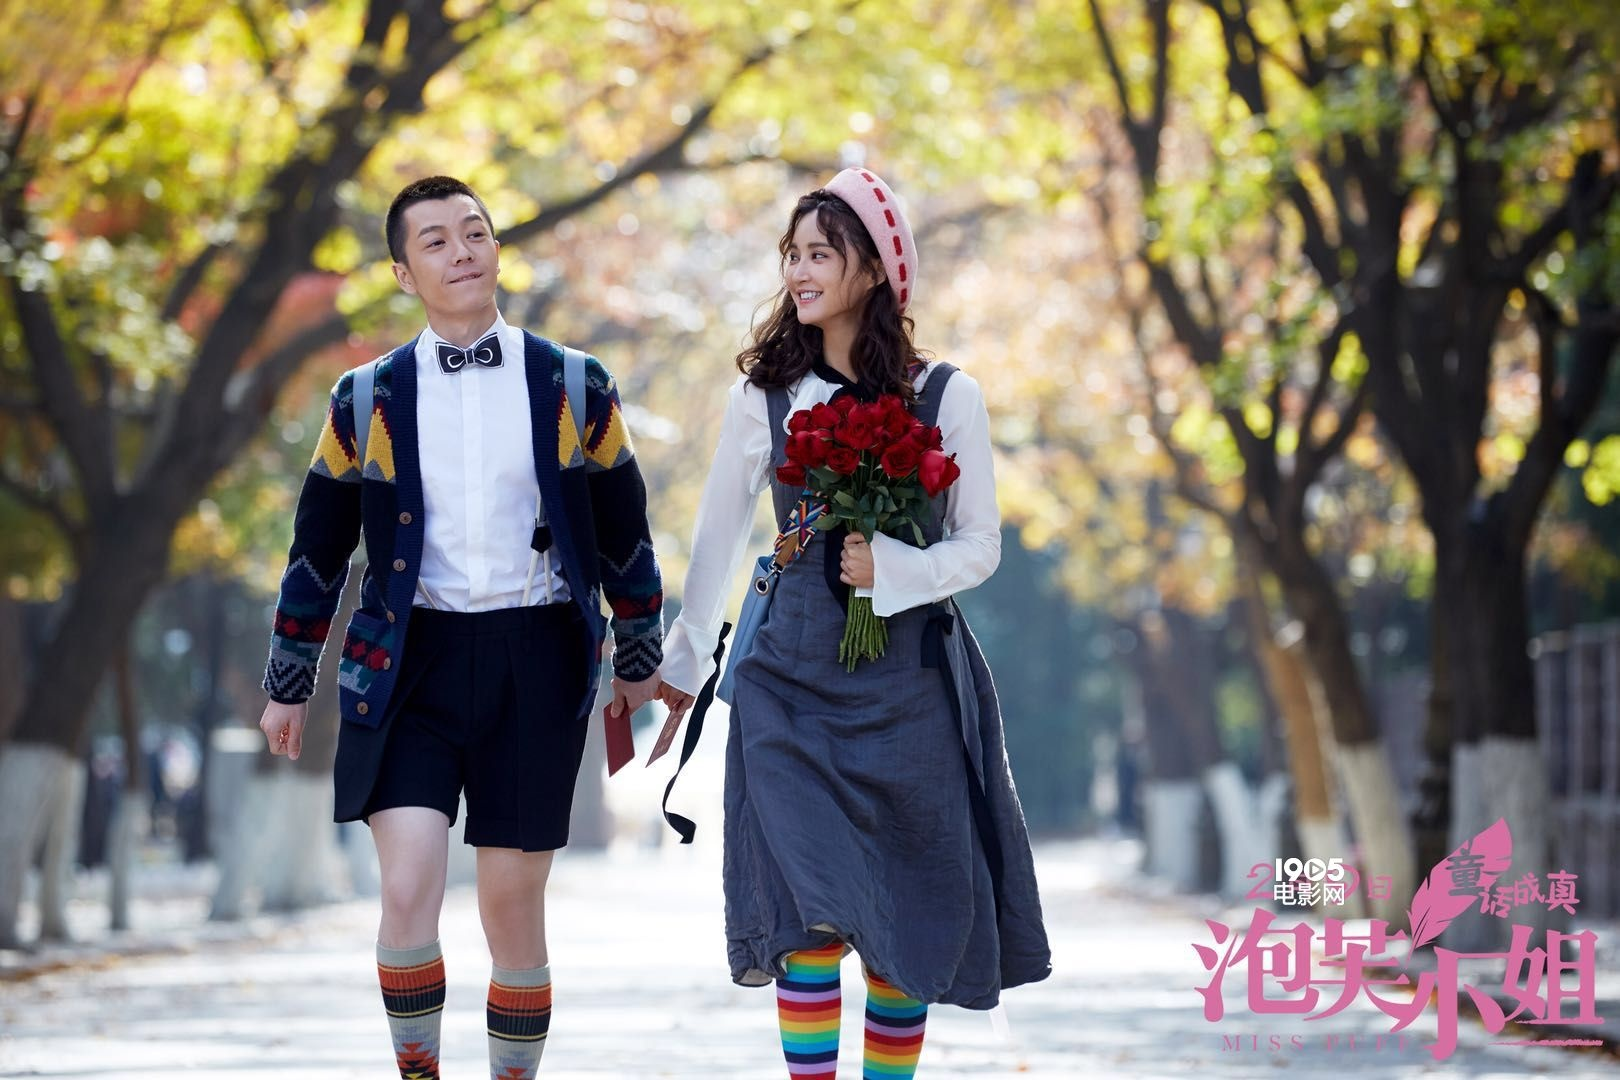 《泡芙小姐》曝《打雷了》推广曲 冯小刚力荐新片